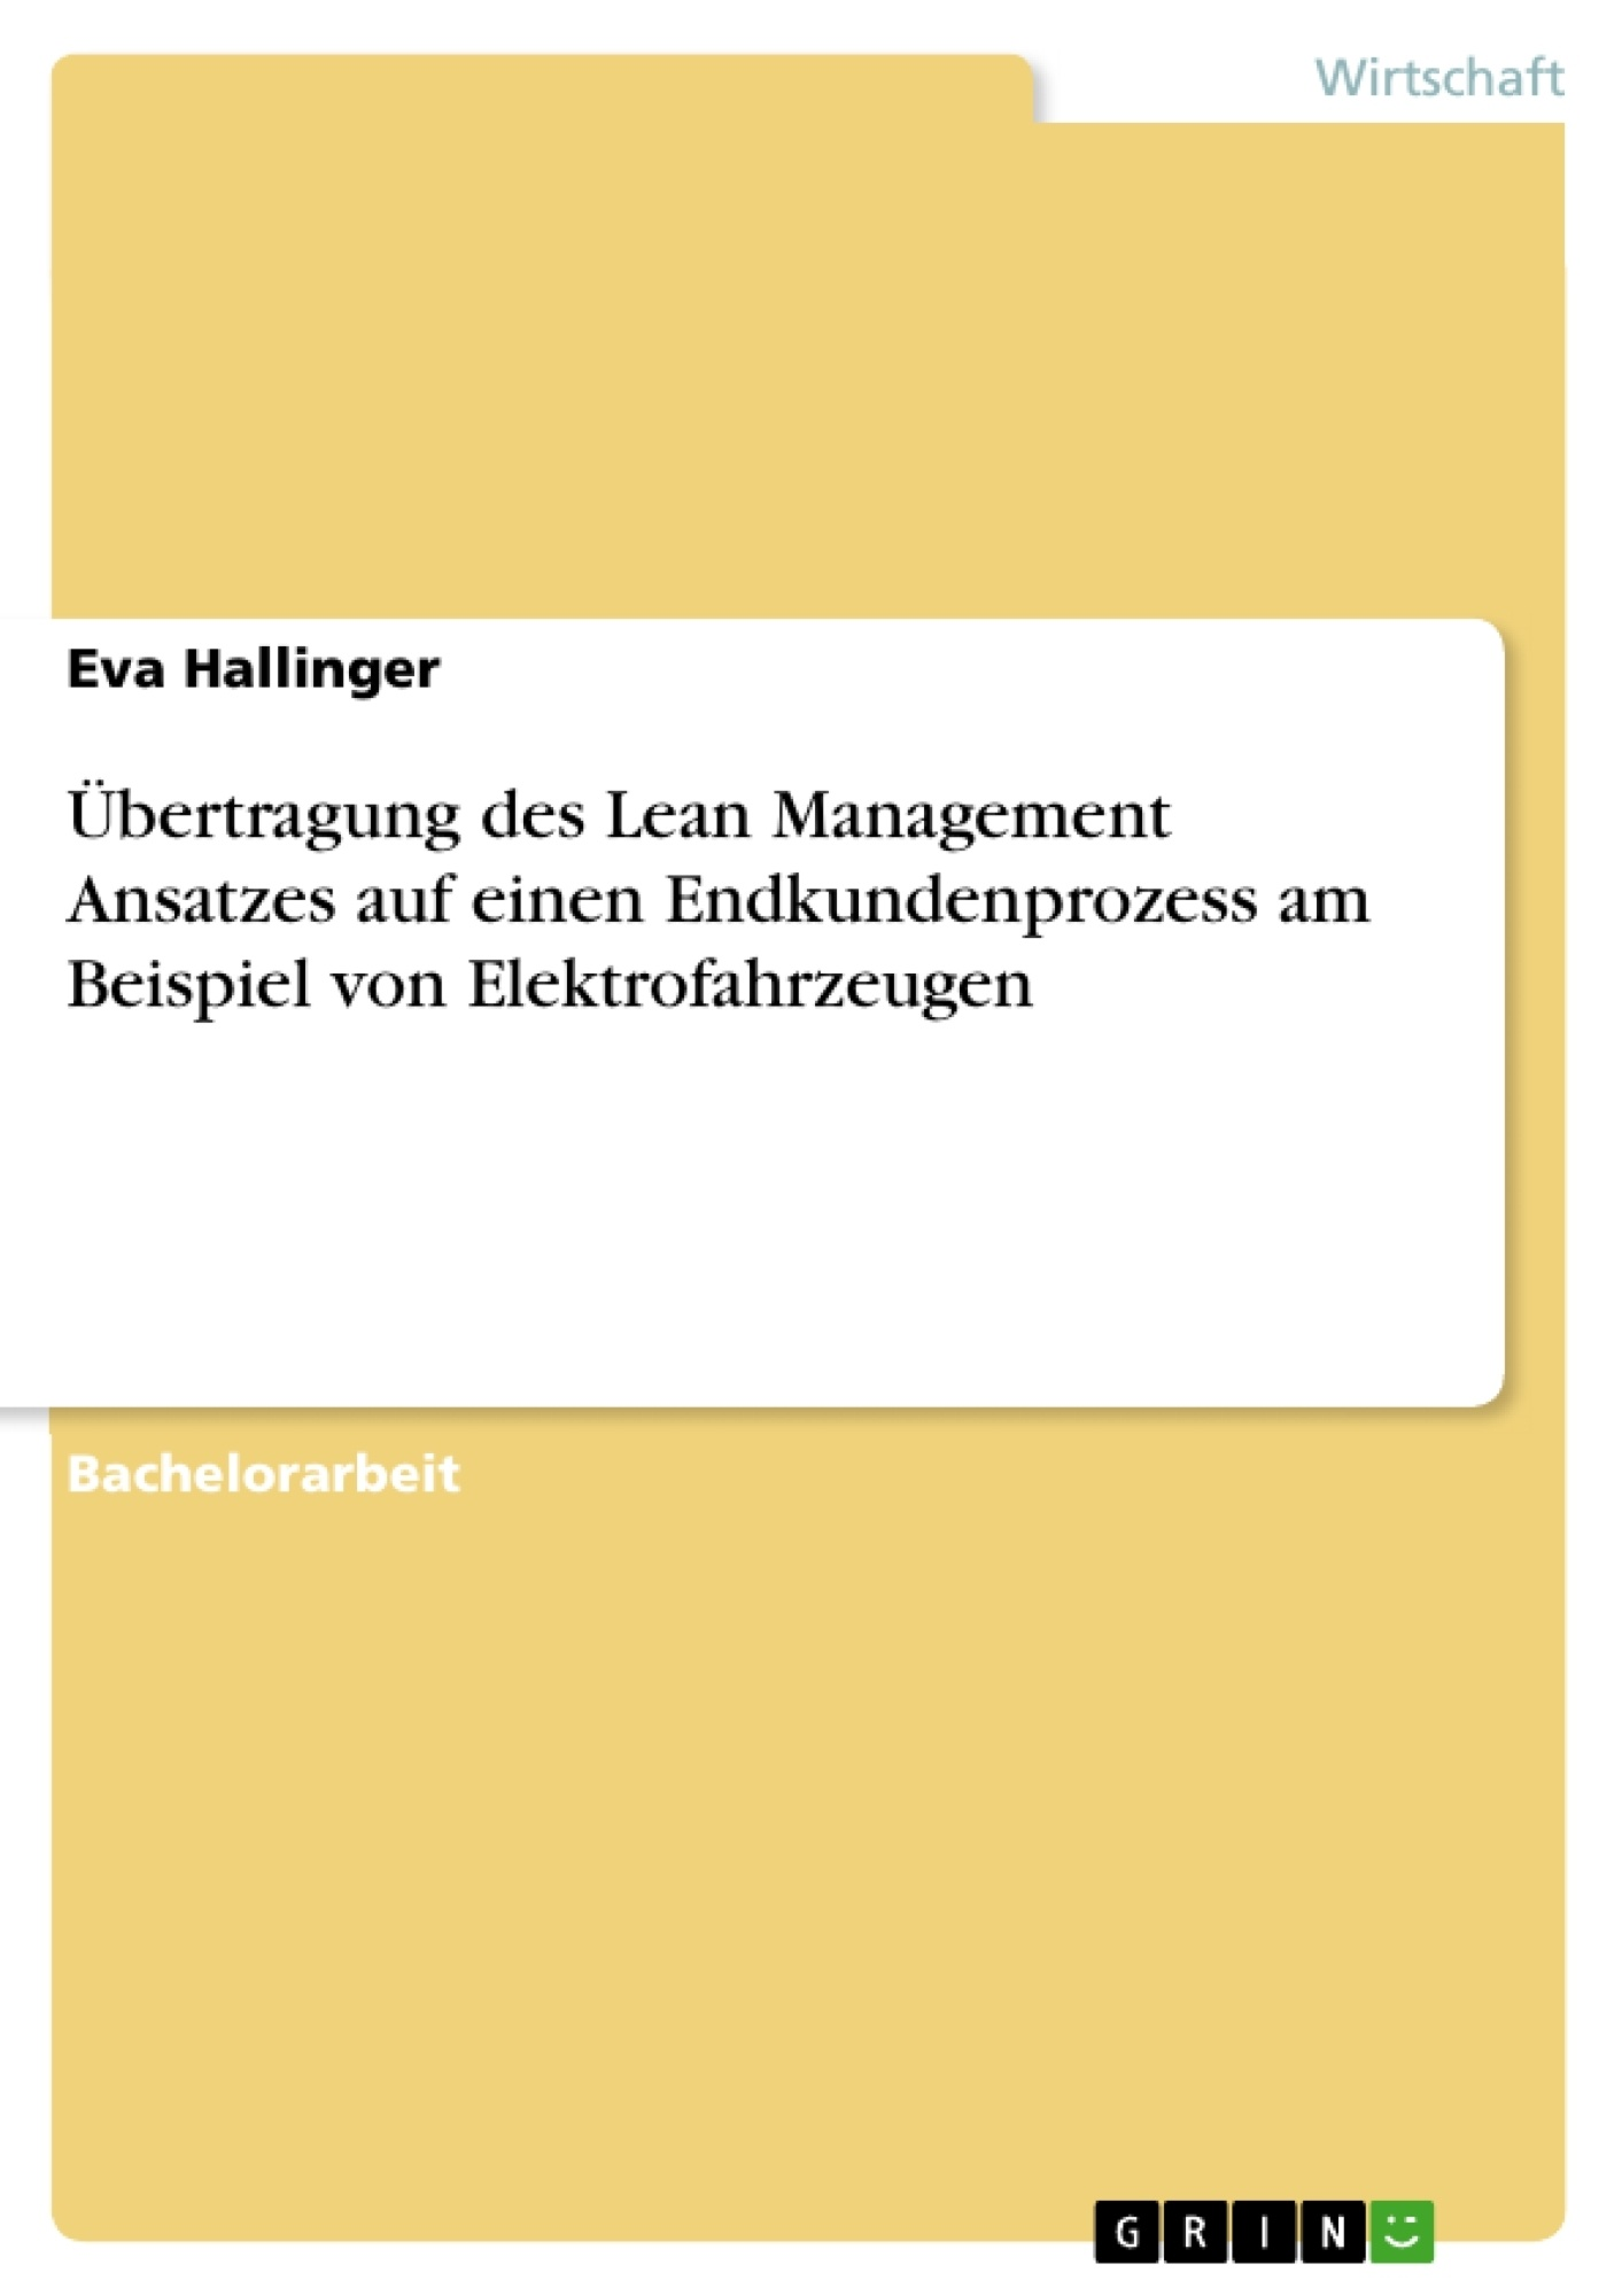 Titel: Übertragung des Lean Management Ansatzes auf einen Endkundenprozess am Beispiel von Elektrofahrzeugen